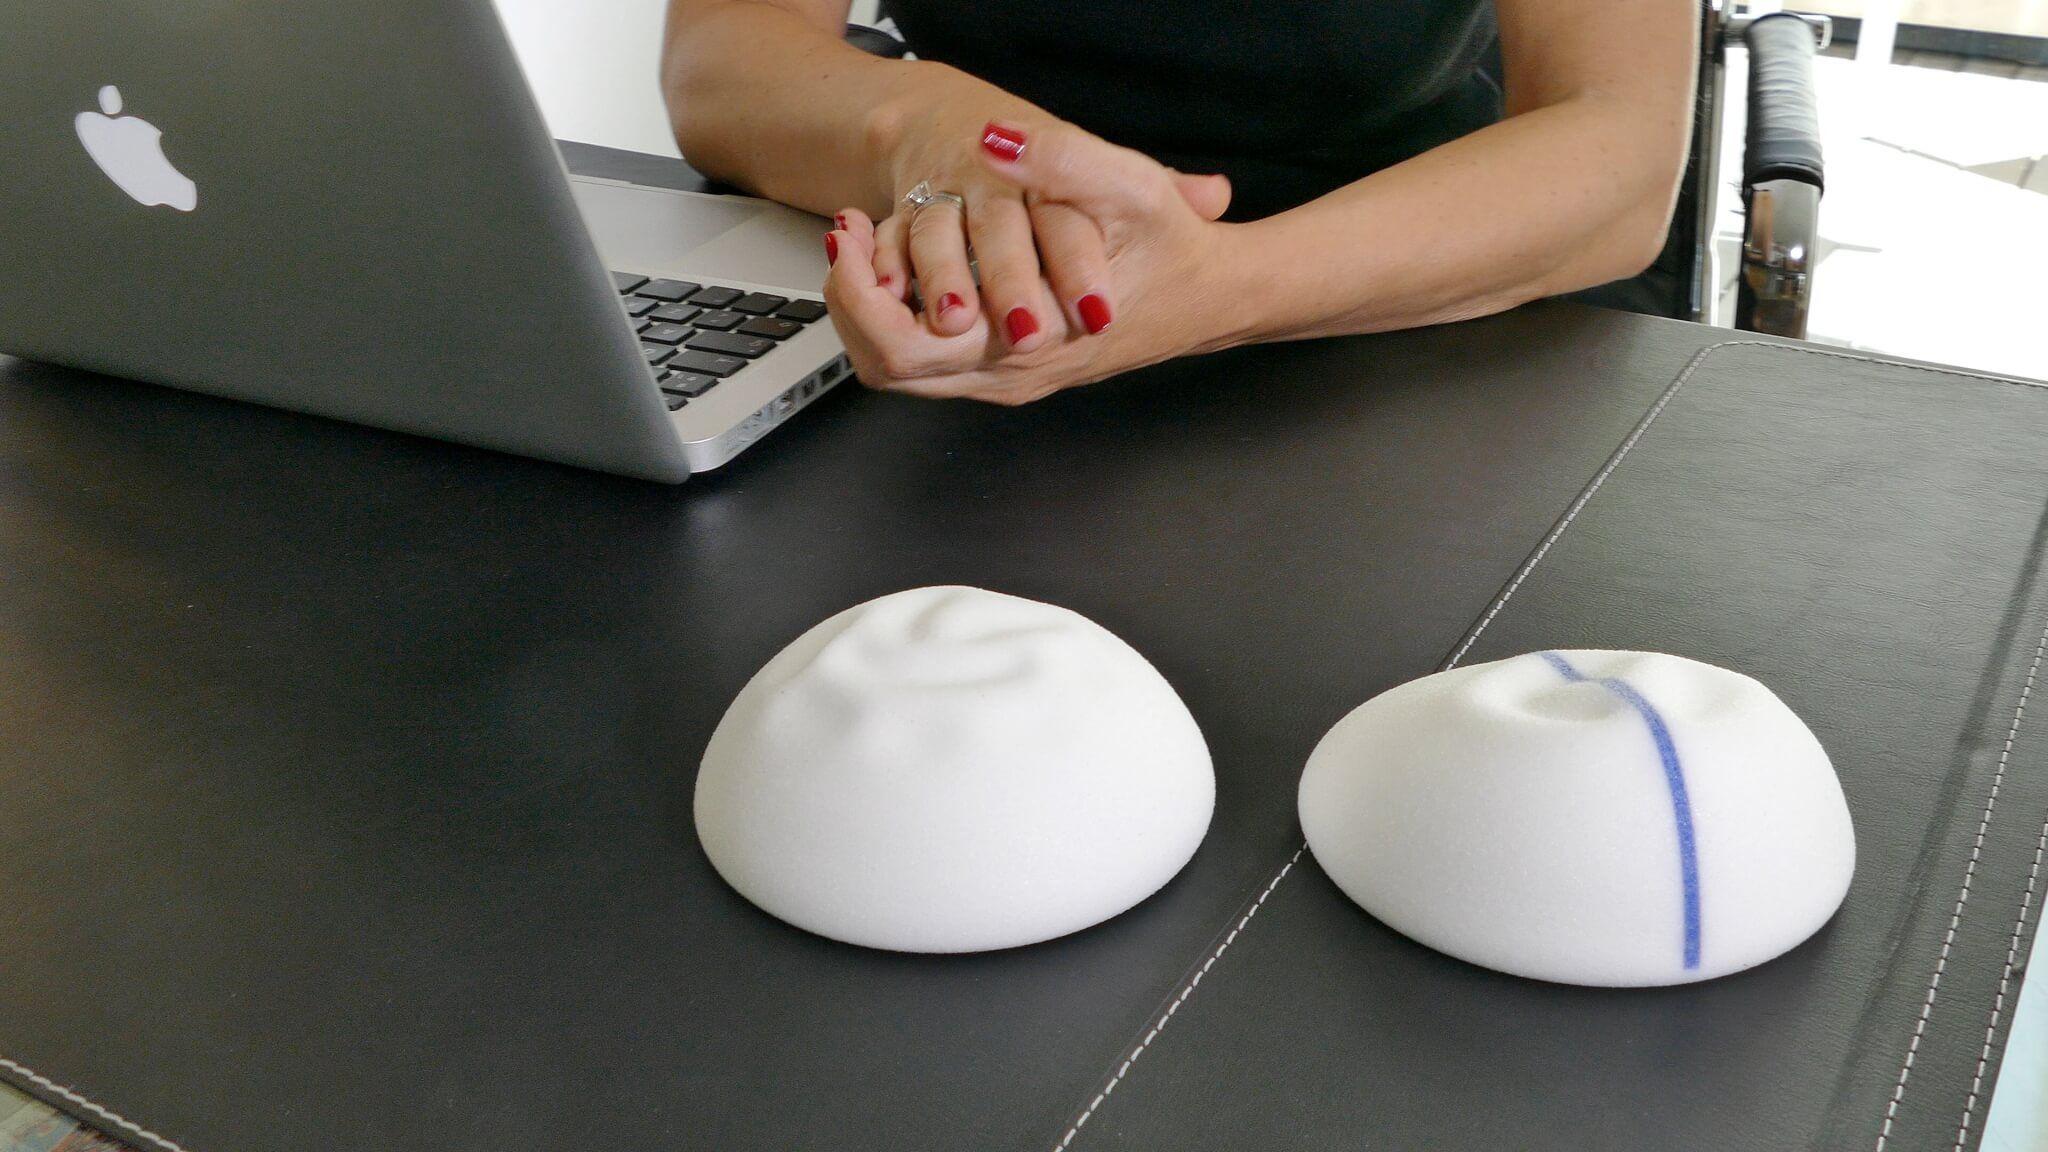 La marca alemana de implantes B-Lite ha lanzado su nueva web y han decidido incorporar el vídeo que os hice para presentar sus implantes a mis pacientes y seguidoras.